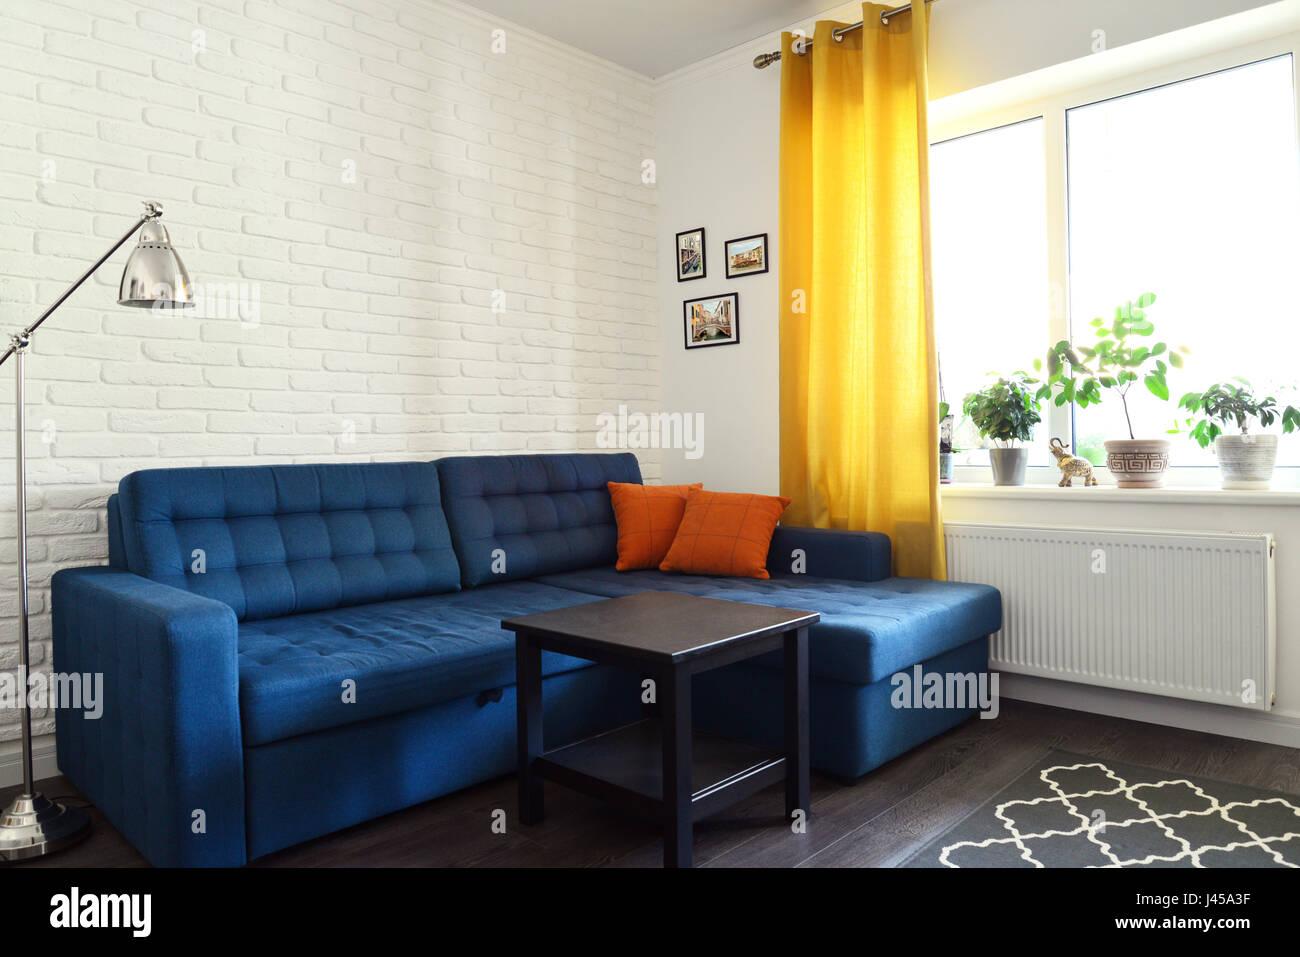 Saubere Familienzimmer Mit Blaue Couch Weiße Ziegel Wand Und Gelbe